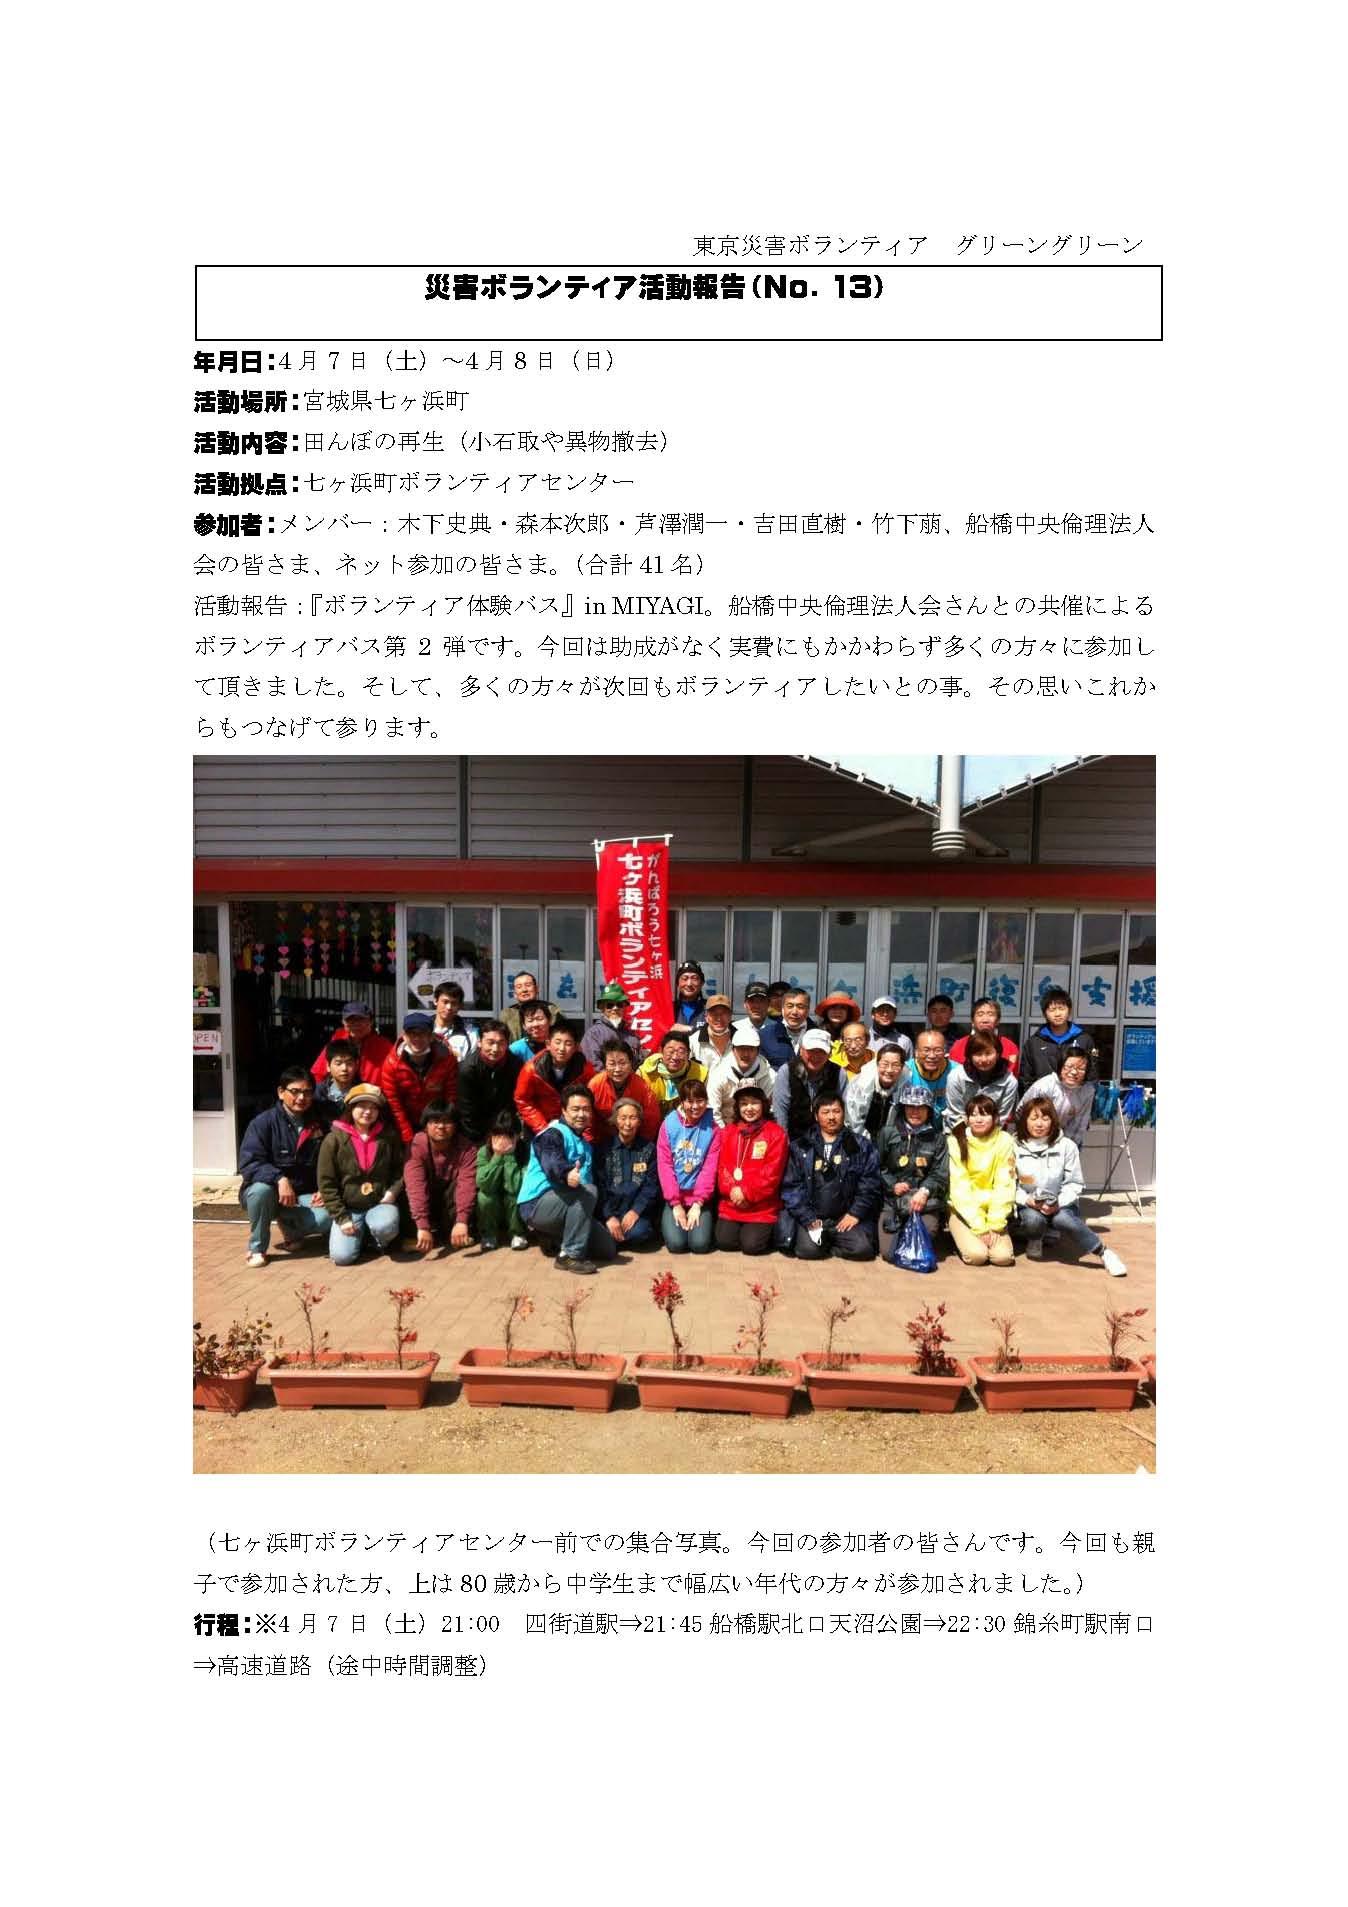 東京災害ボランティア活動報告No.13_ページ_1